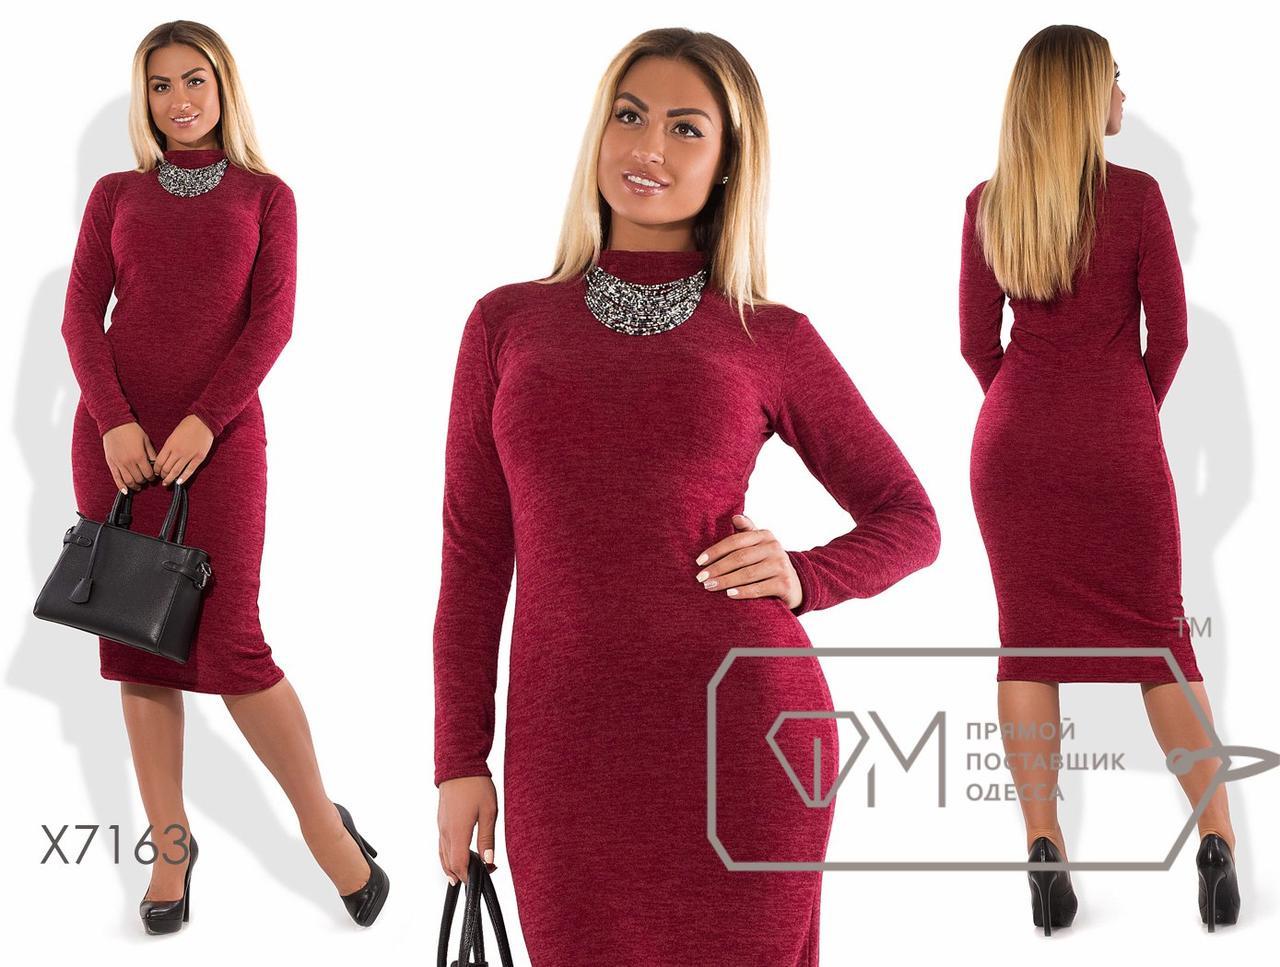 Платье-водолазка миди облегающее из ангоры с длинными рукавами и воротником-стойкой X7163